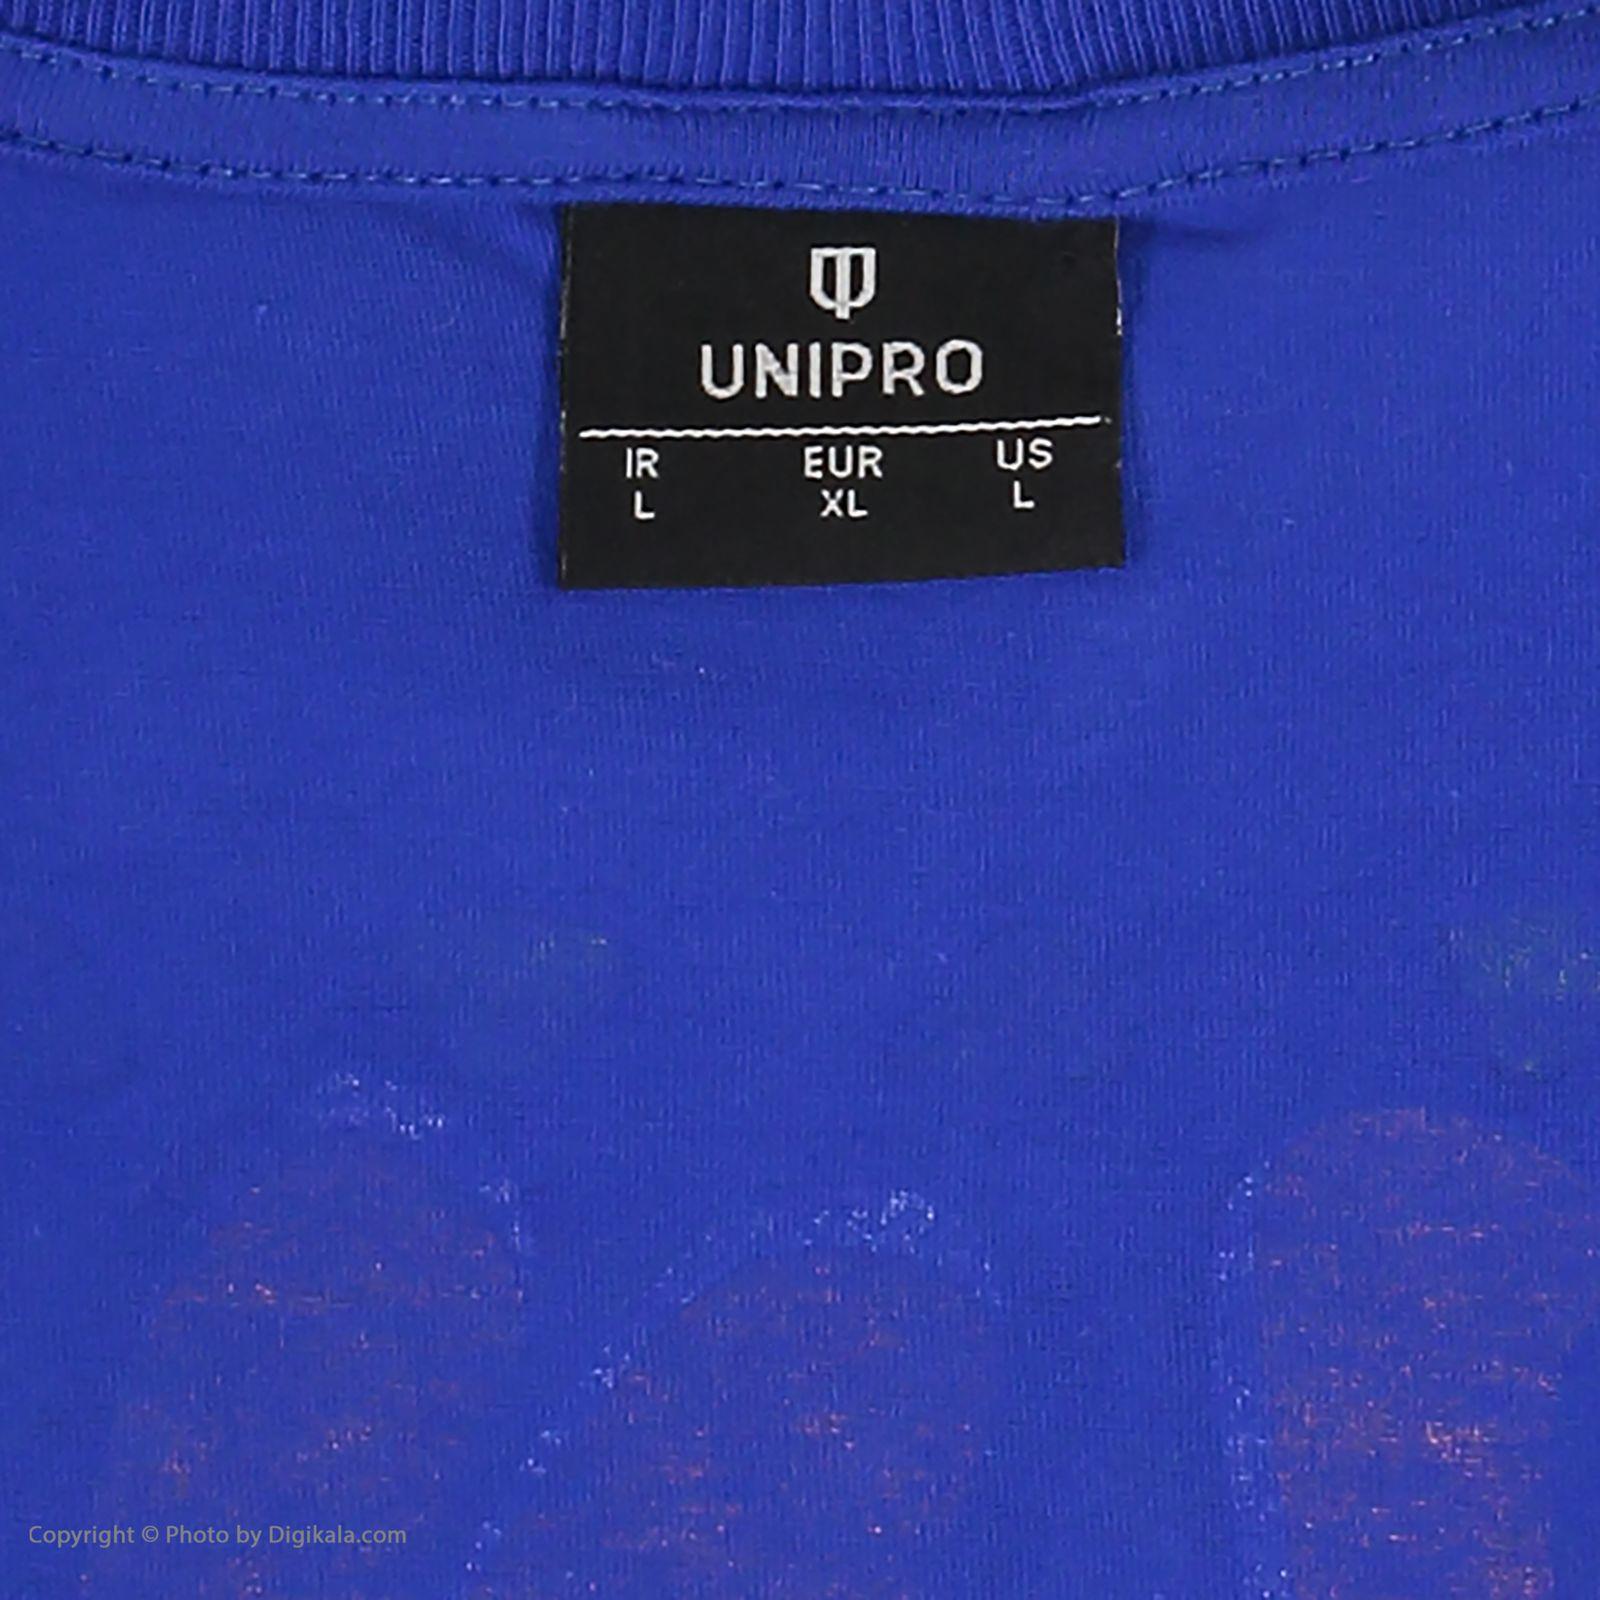 تی شرت ورزشی مردانه یونی پرو مدل 914119321-10 -  - 6